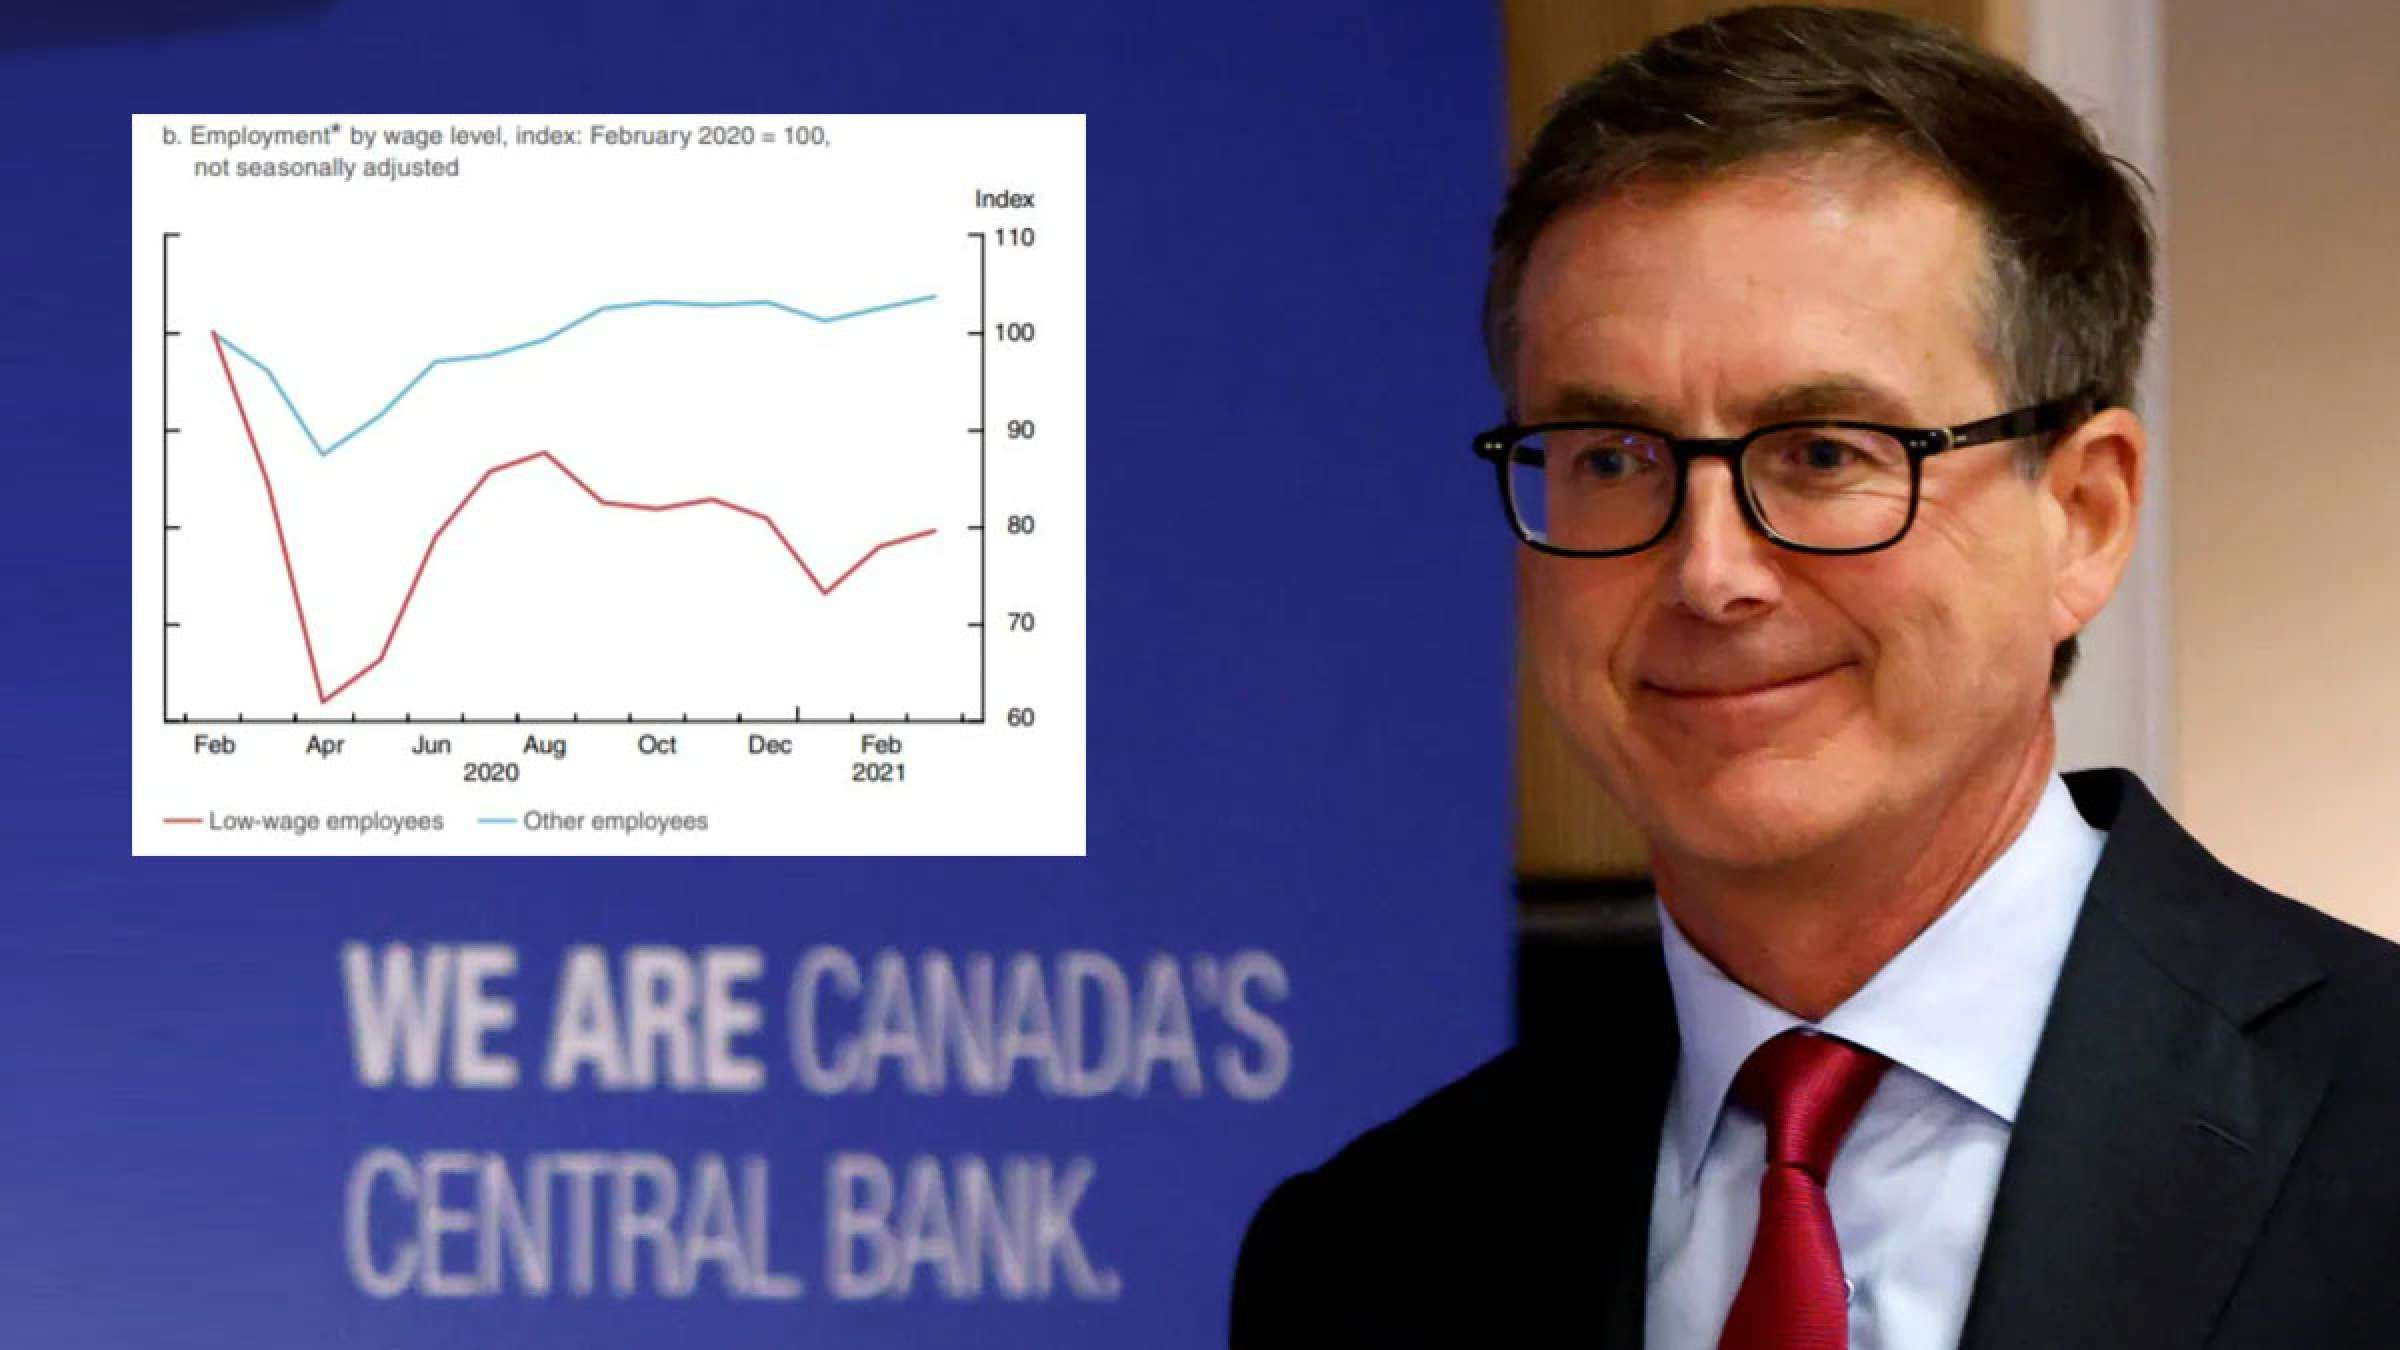 اخبار-کانادا-بانک-مرکزی-نرخ-بهره-ها-بالا-دلار-گرانتر-بازار-املاک-را-سرد-می-کند